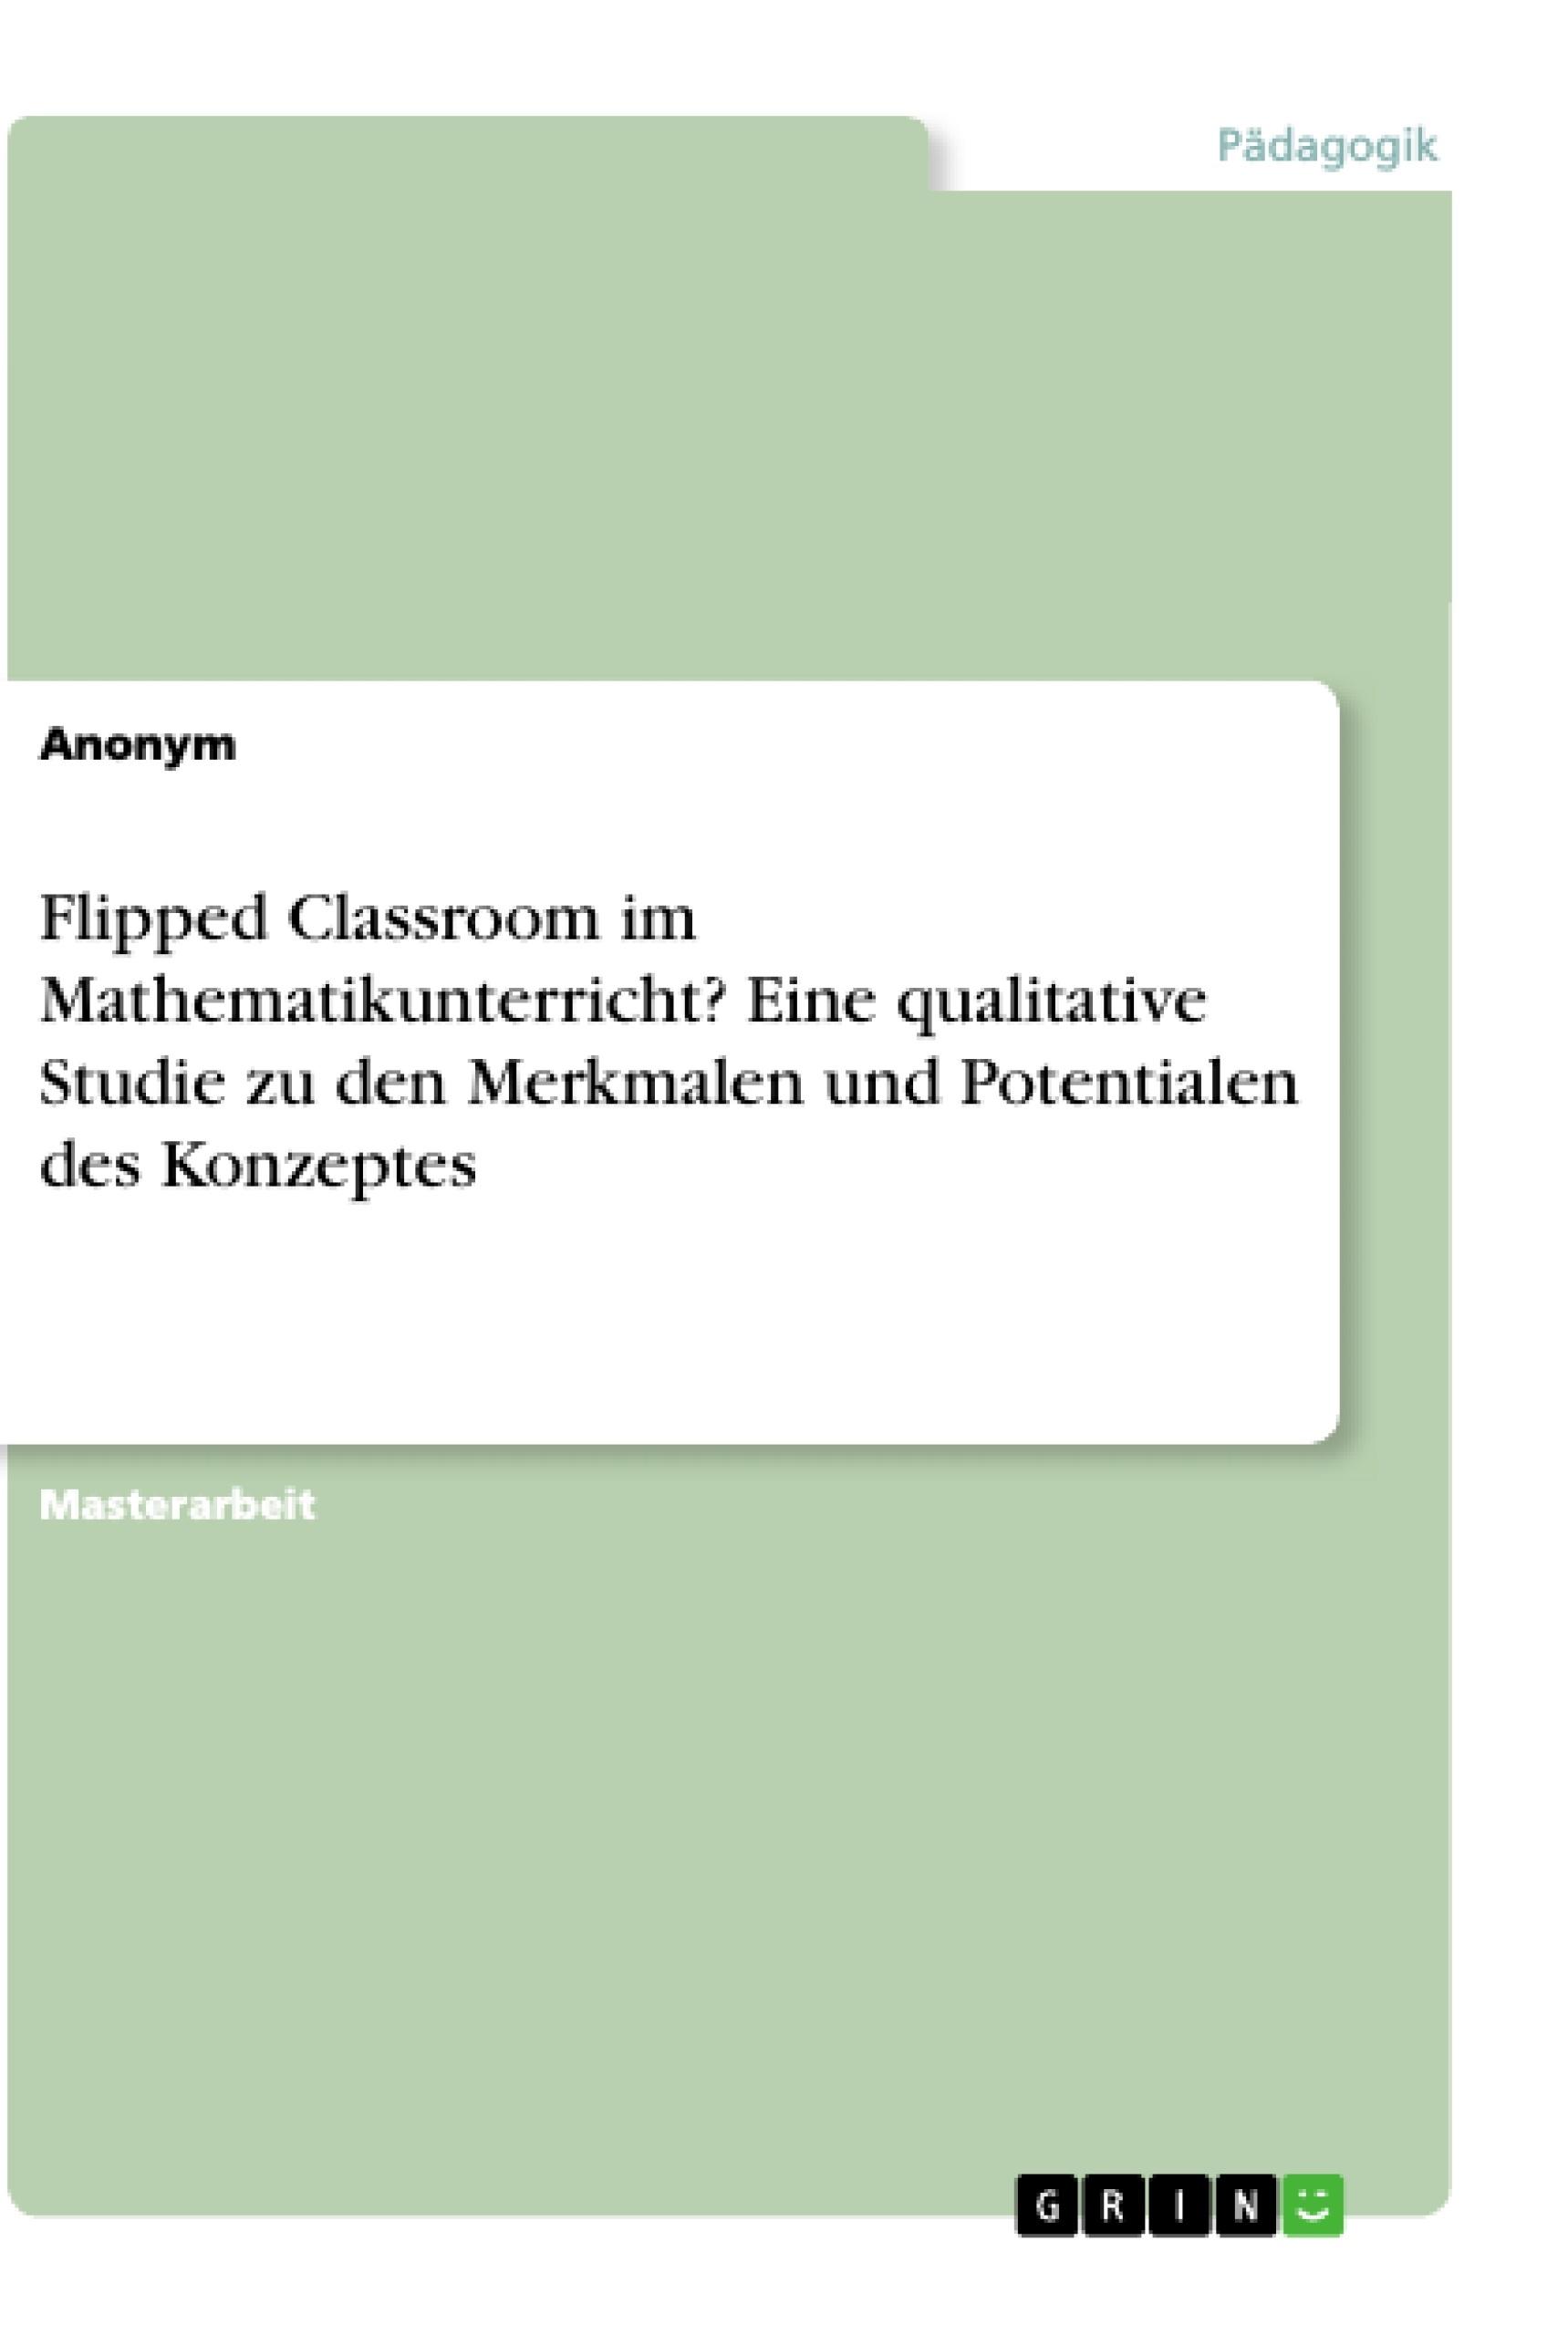 Titel: Flipped Classroom im Mathematikunterricht? Eine qualitative Studie zu den Merkmalen und Potentialen des Konzeptes